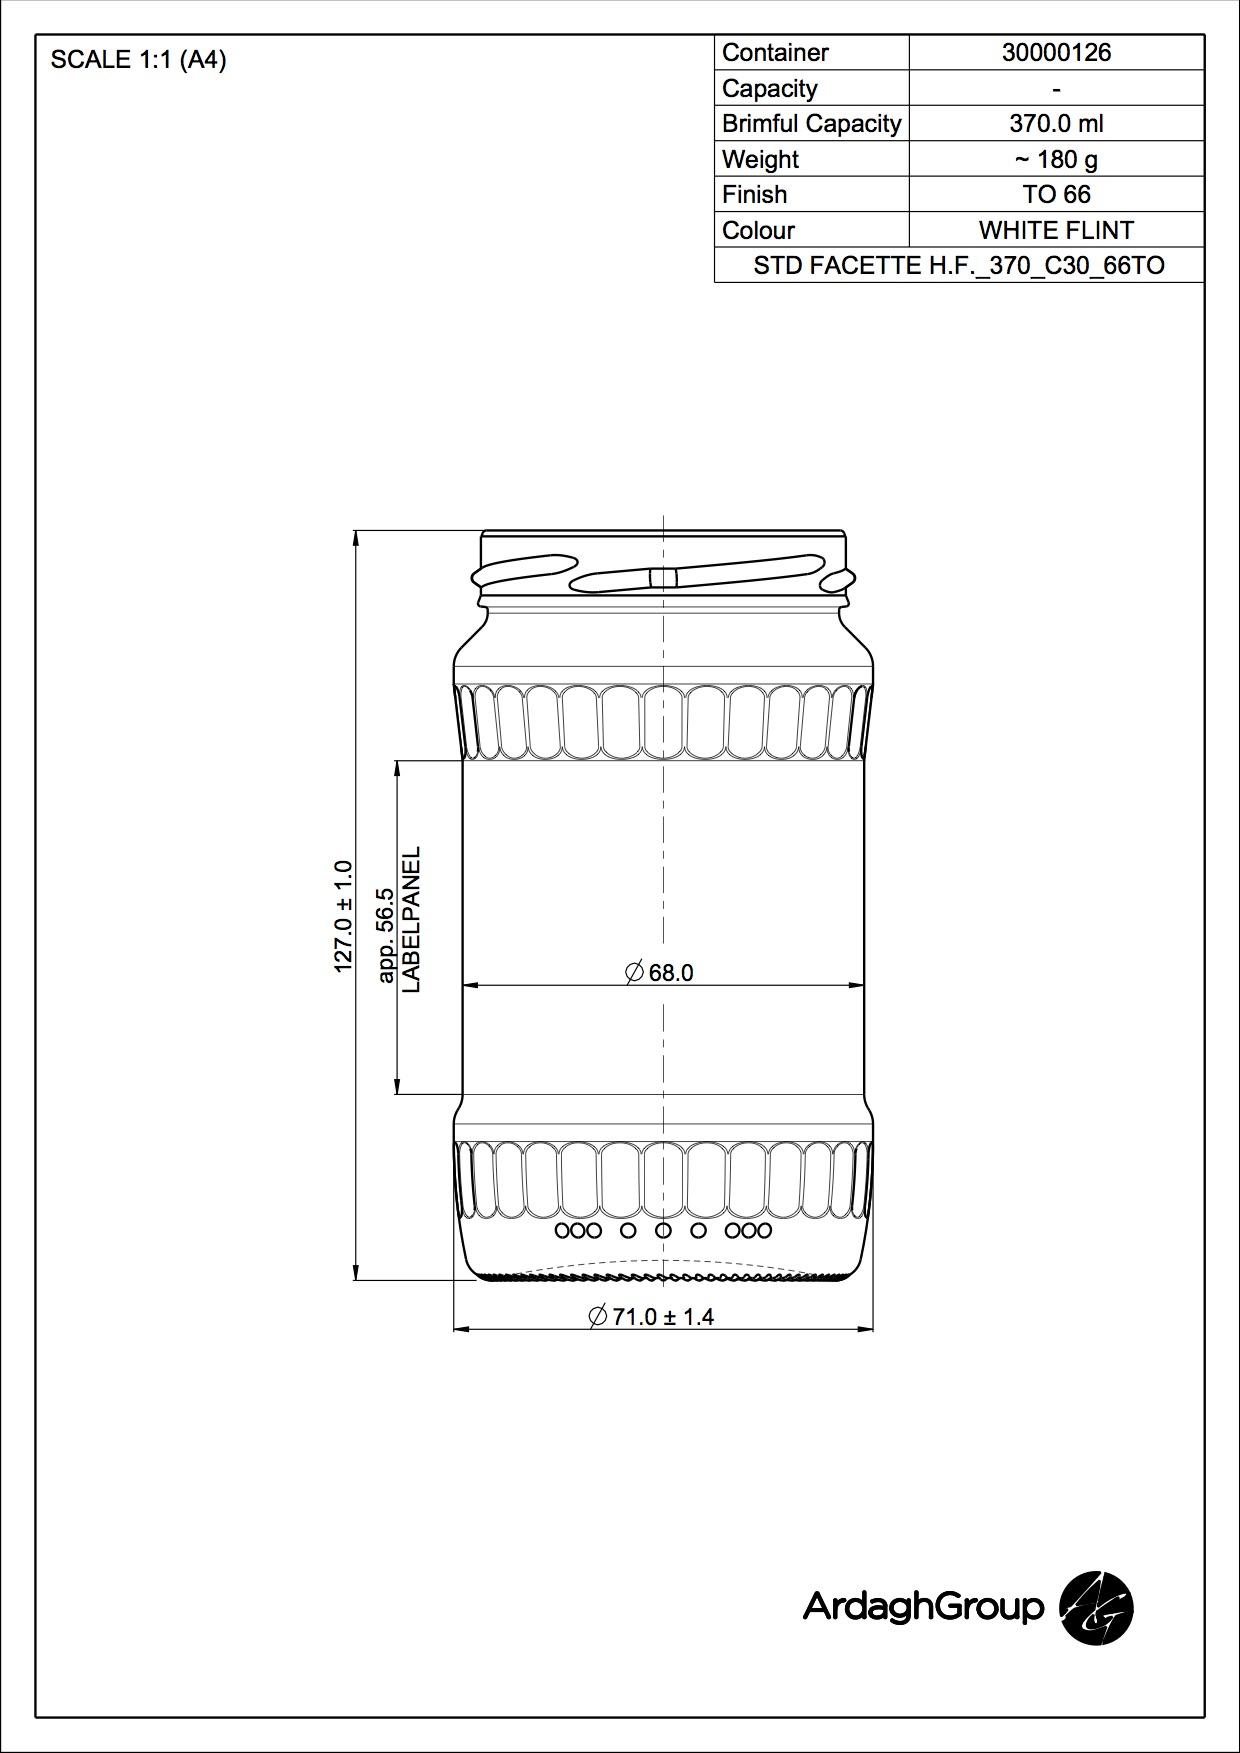 Facettenglas H.F. 370 C30 66TO